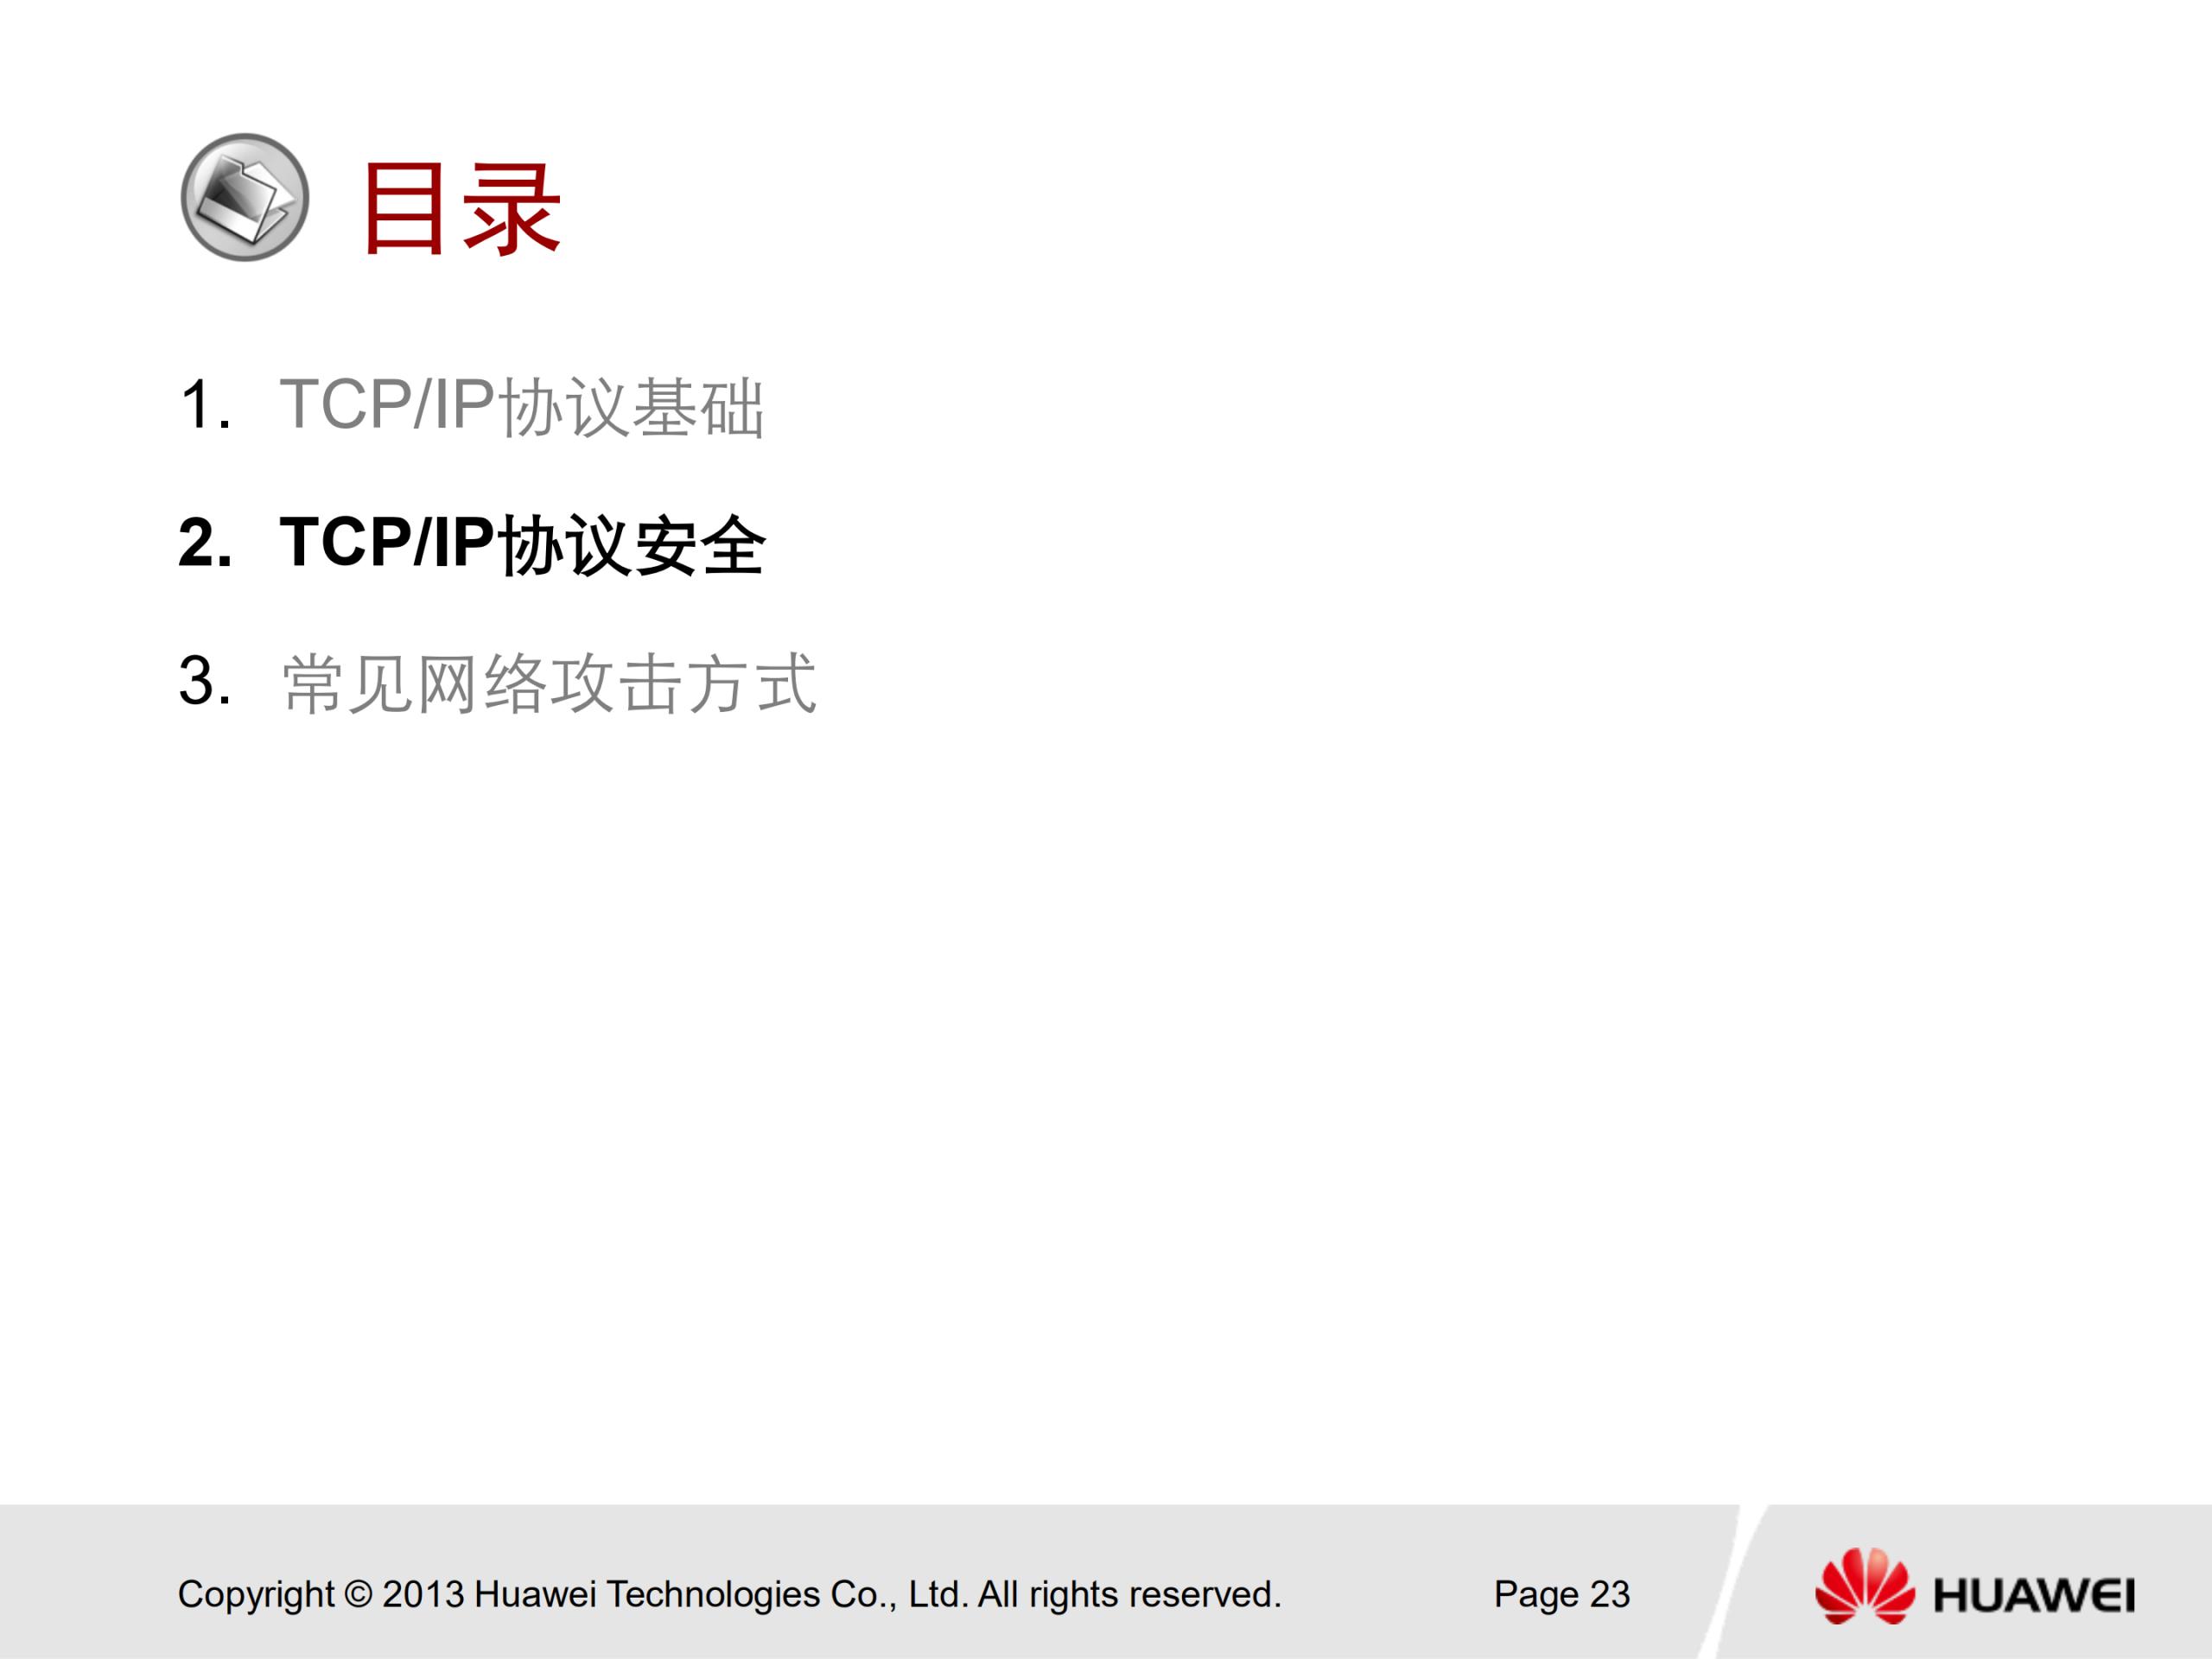 华为安全认证 HCNA Security 中文培训教学PPT V2.0 - 25